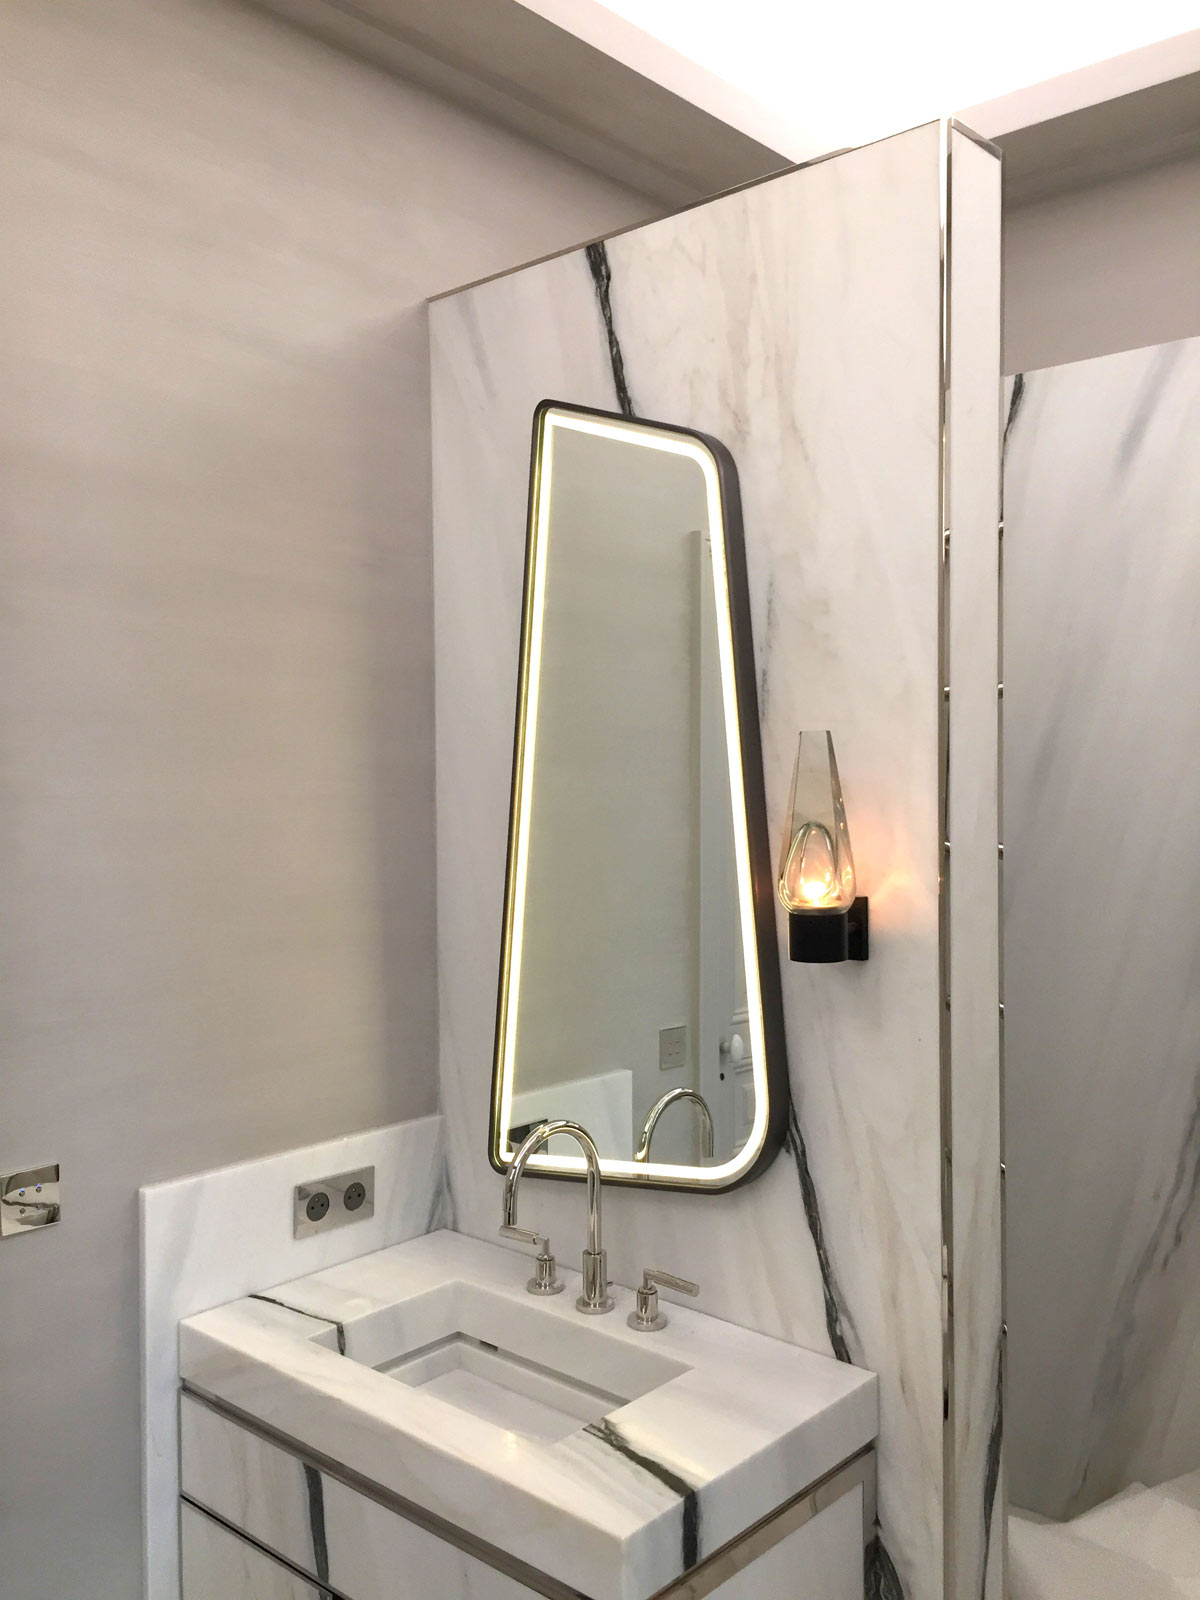 Meuble Salle De Bain Ikea Colonne ~ meubles et miroirs de salle de bain arabesques b nisterie